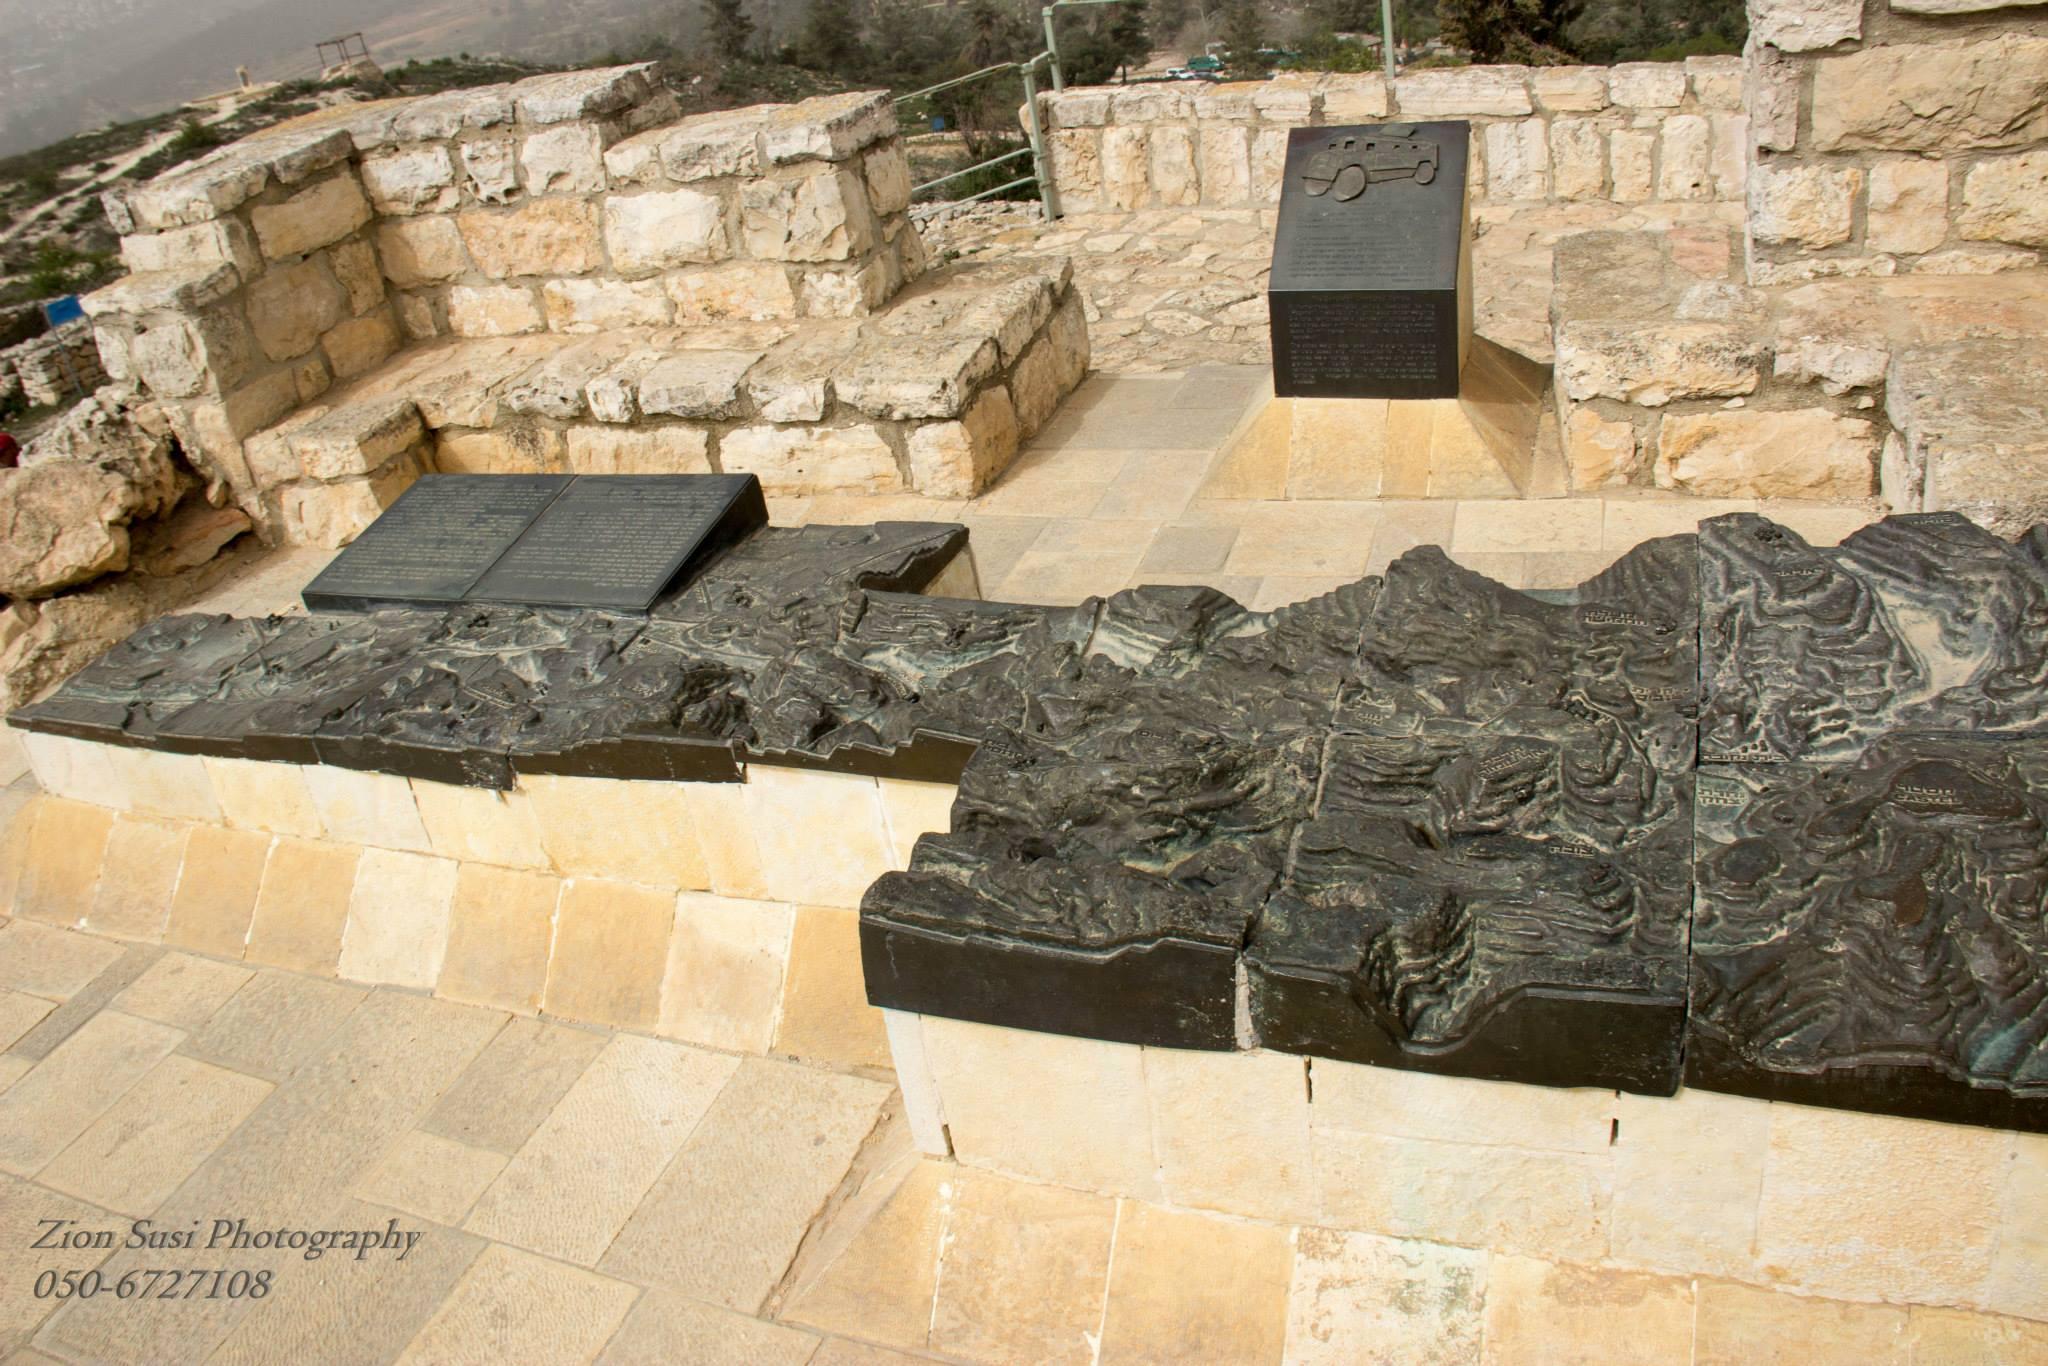 דגם הדרך לירושלים וכל נקודות השליטה על הכביש בקסטל.